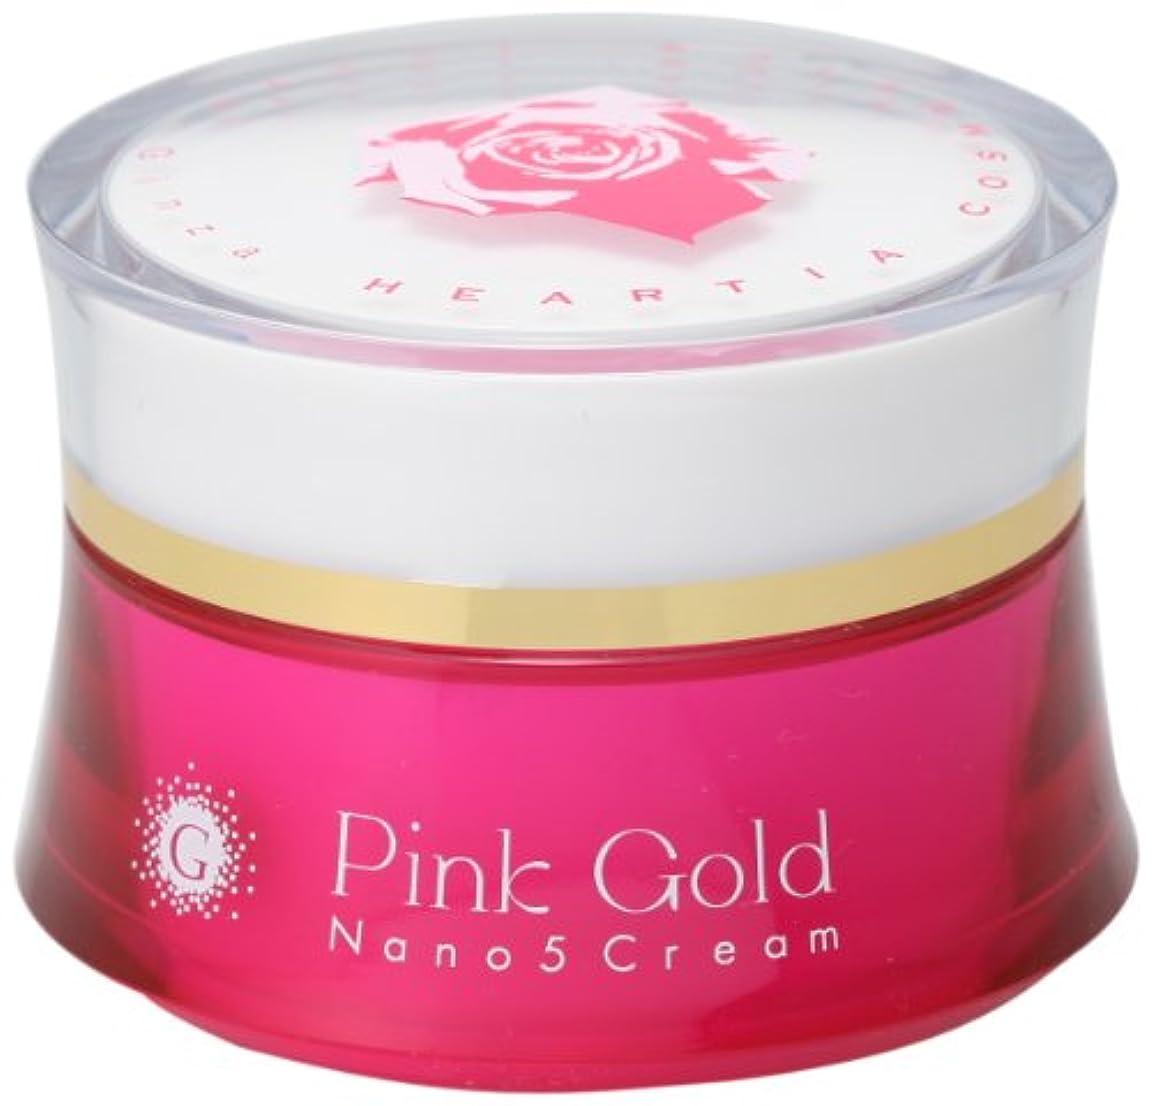 健康的スマート緯度ピンクゴールド ナノ5クリーム